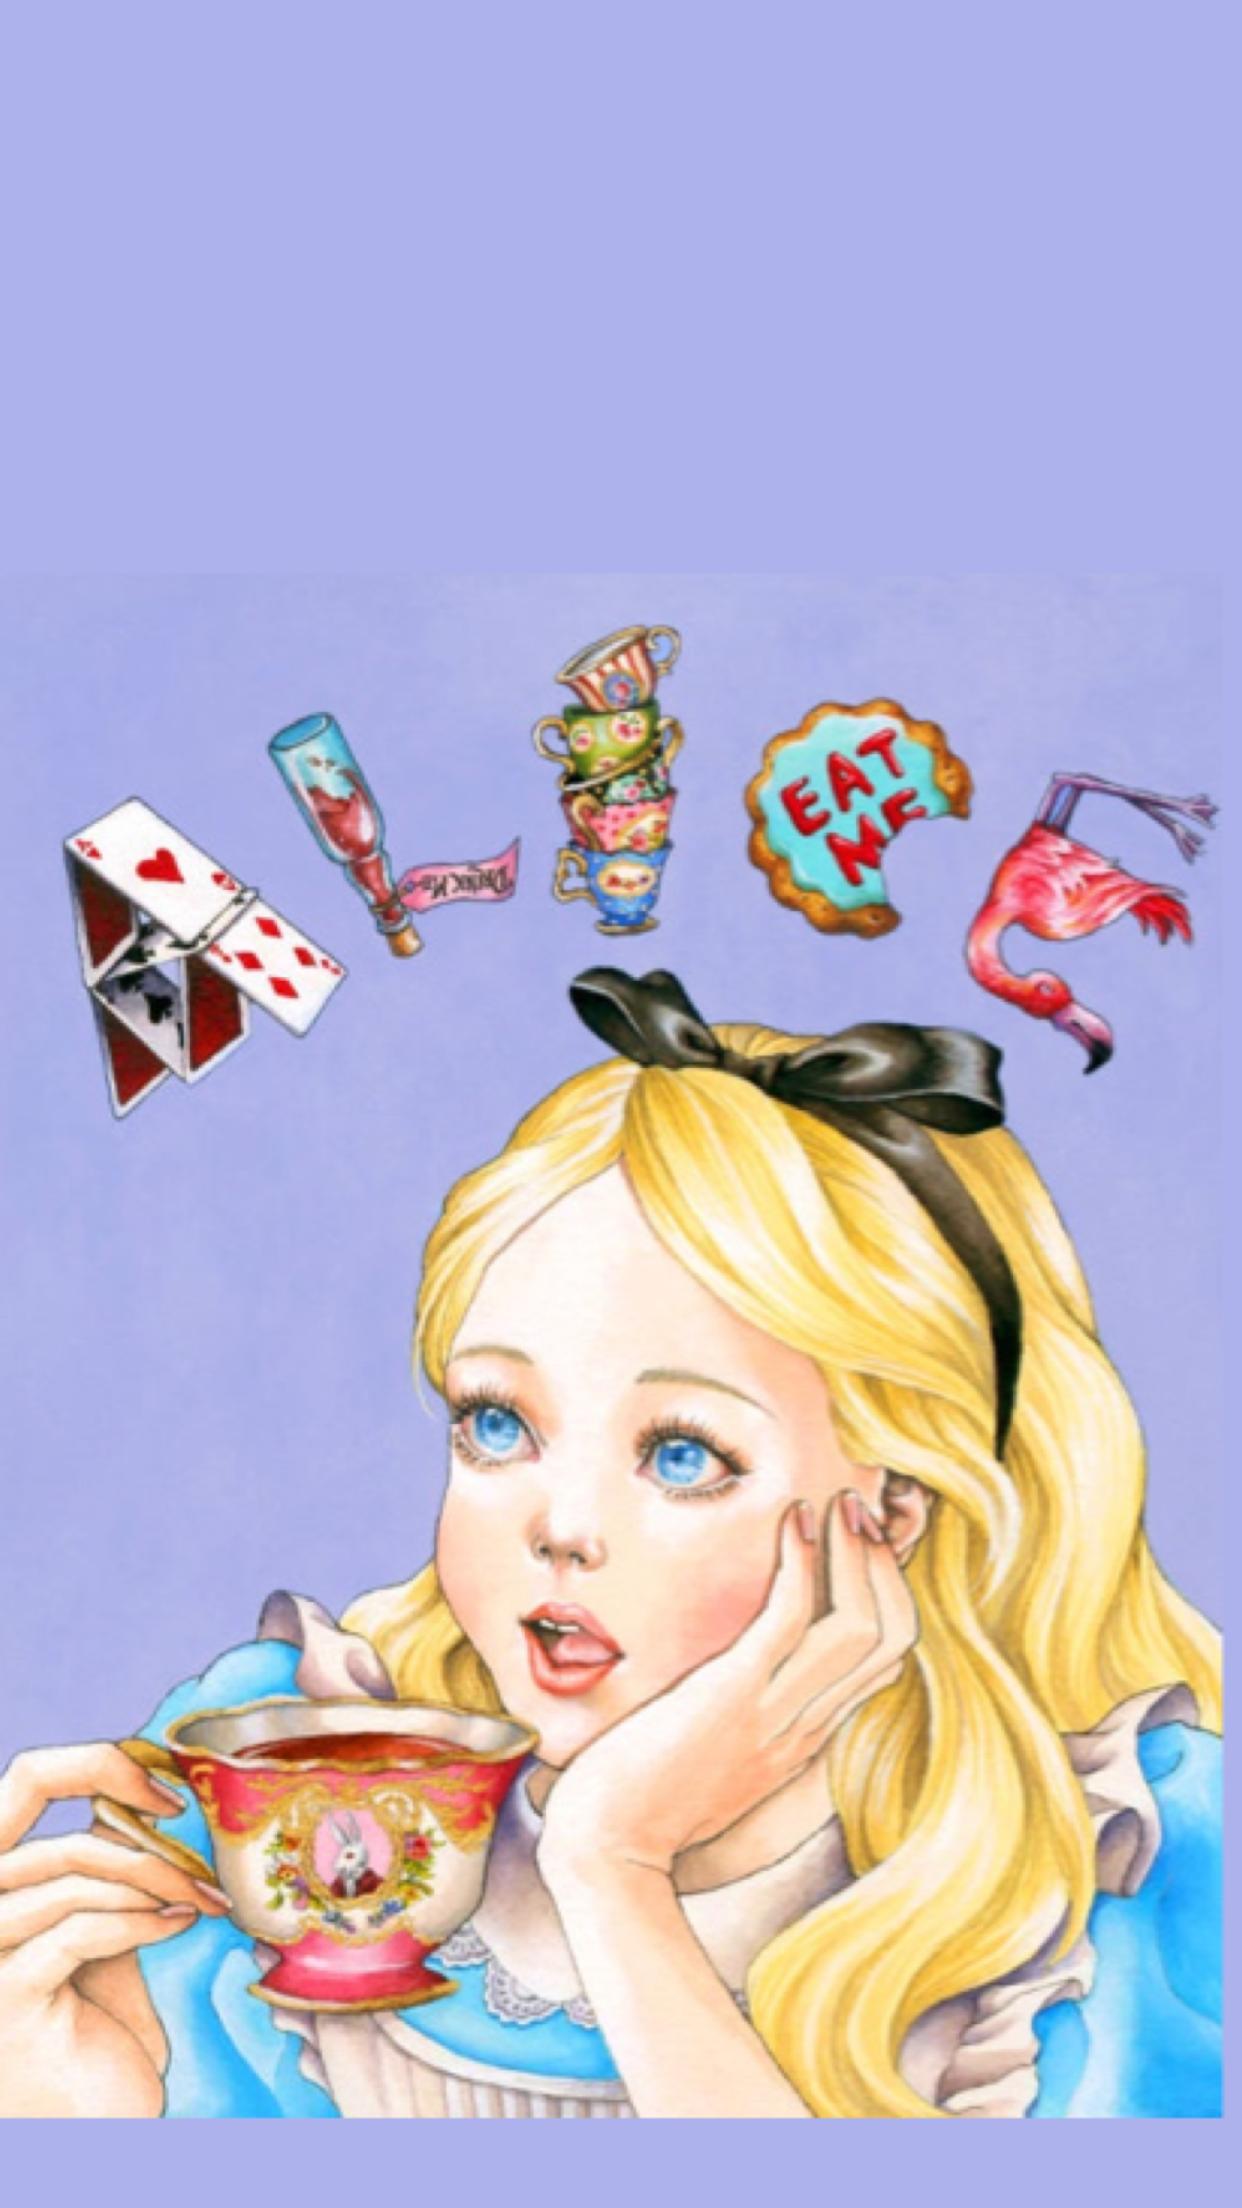 I Love Alice In Wonderland Alice In Wonderland Illustrations Alice In Wonderland Disney Alice